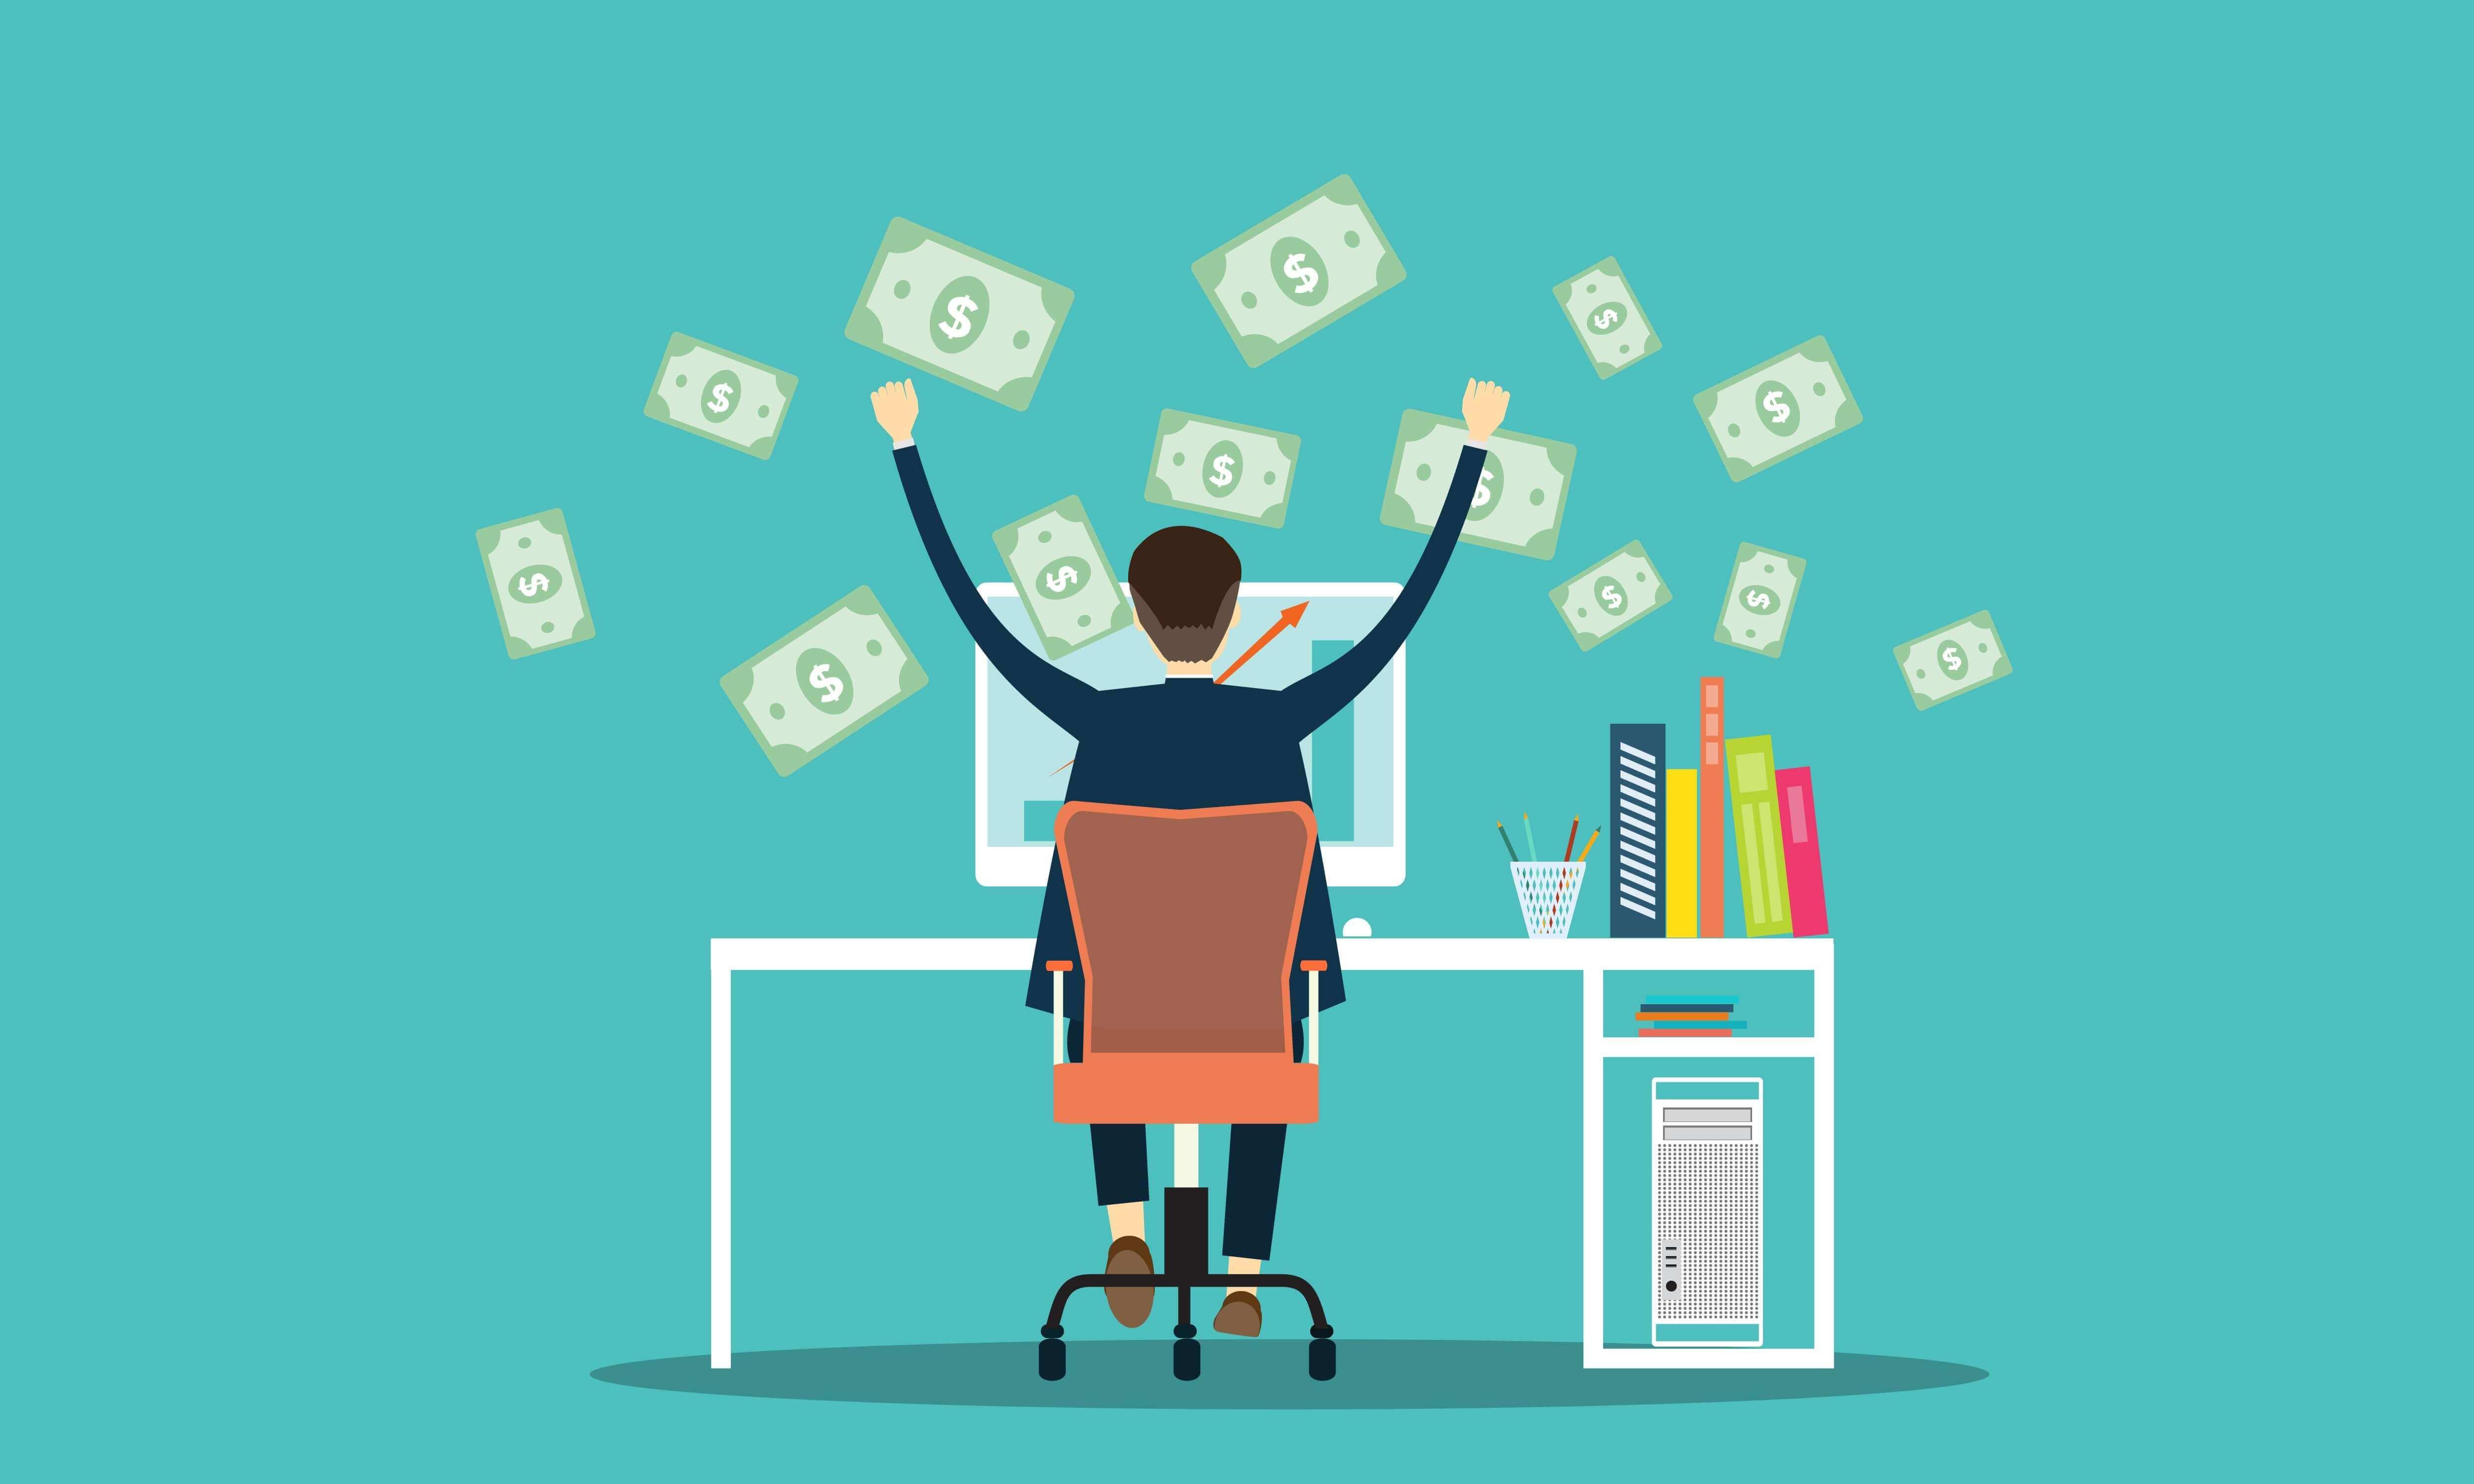 هشت گام موثر در افزایش فروش آنلاین